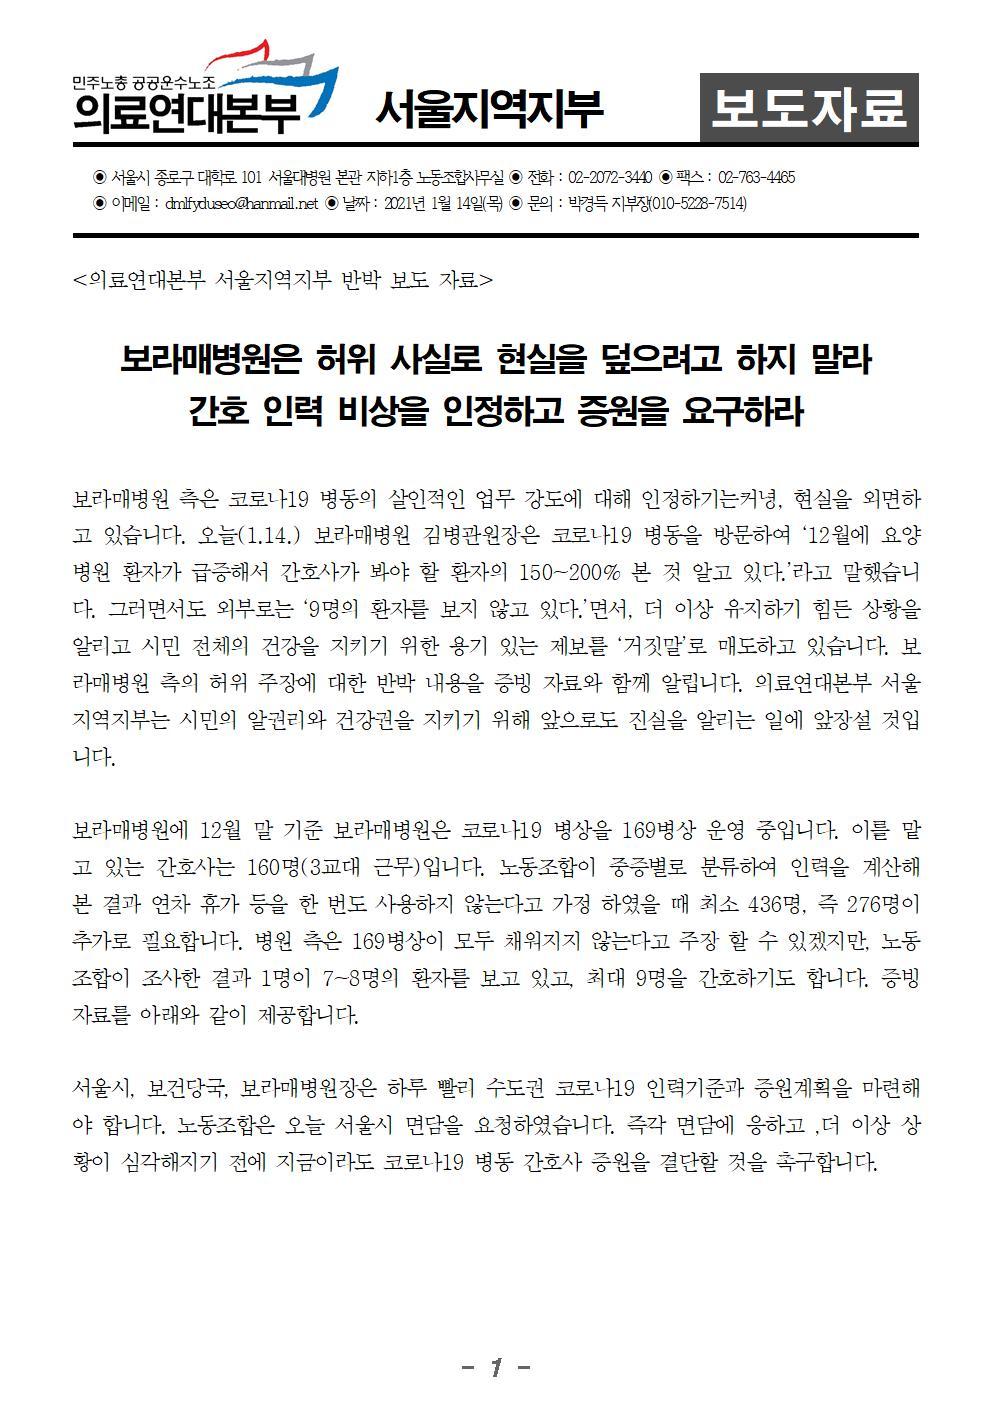 20210114_보라매병원_허위_주장에_대한_반박_의료연대본부_서울지역지부001.jpg